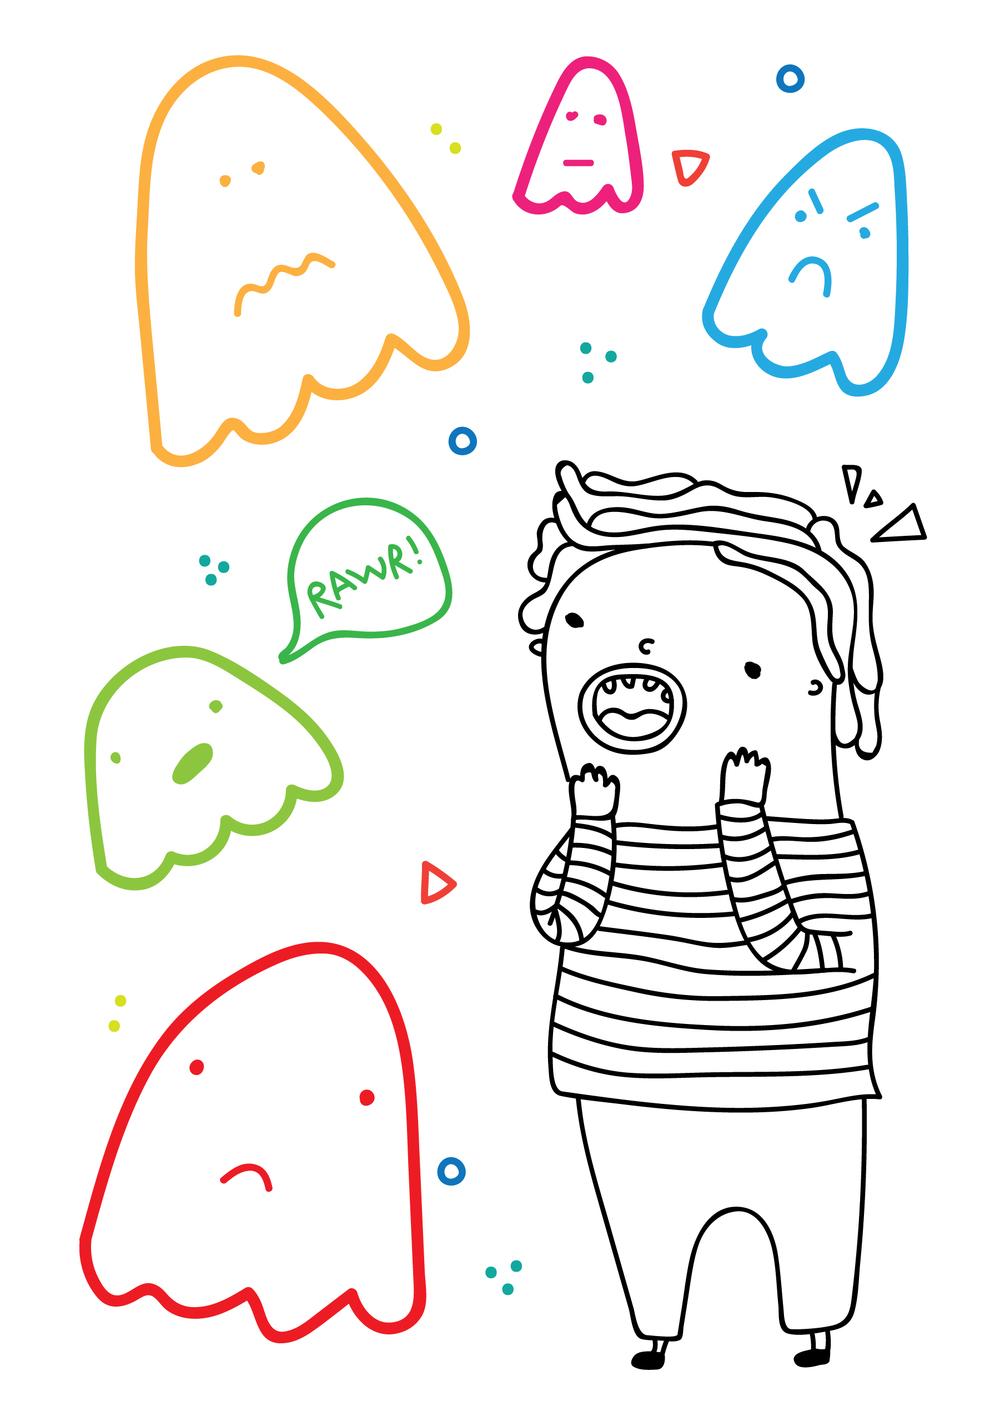 Anxiety2-01.jpg